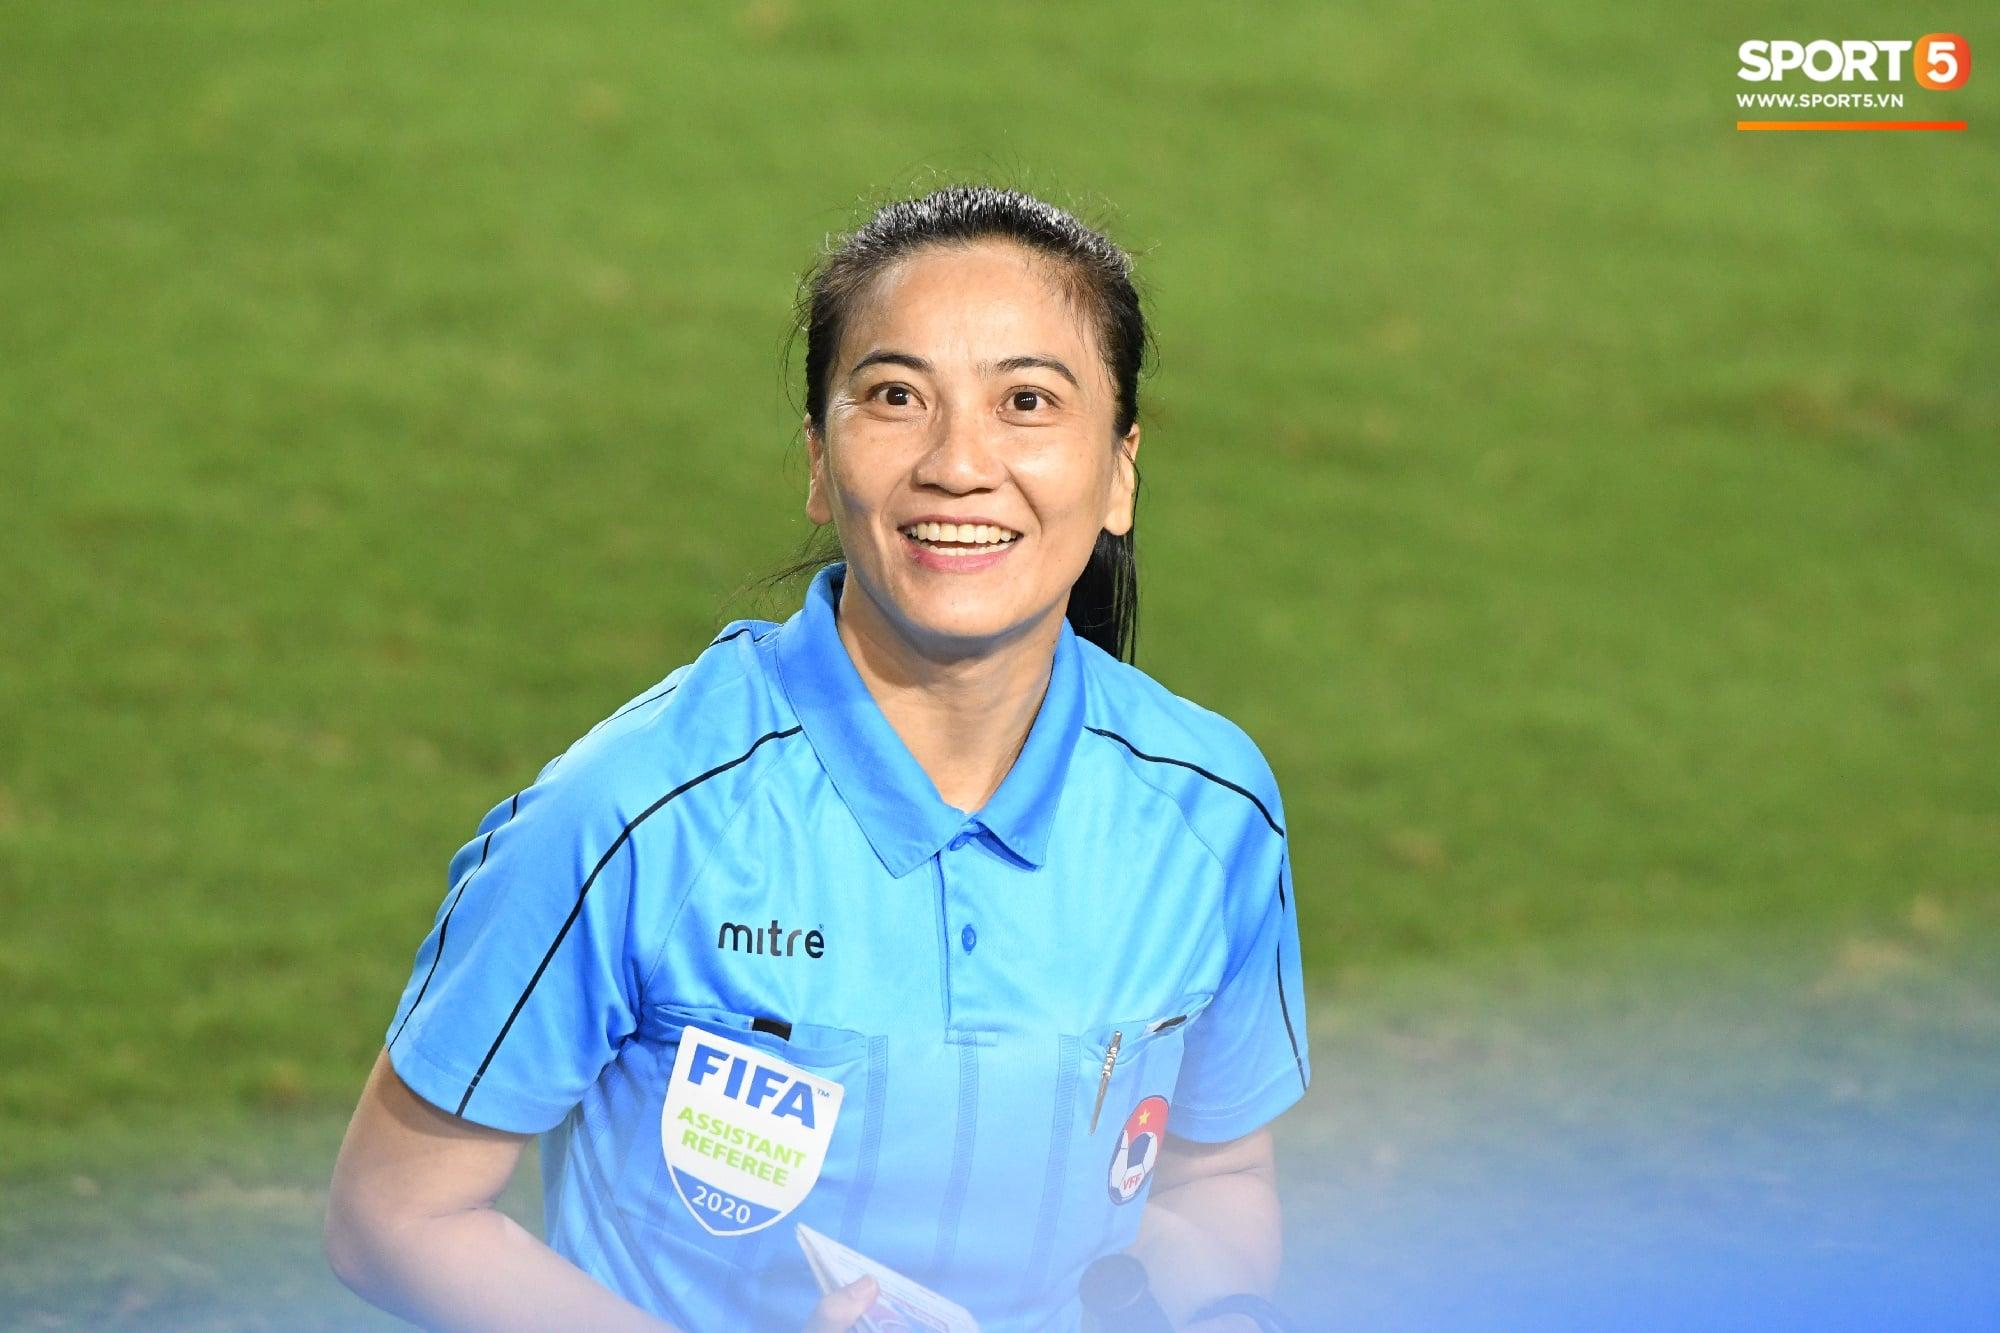 Hai trọng tài Việt Nam có cơ hội dự World Cup bóng đá nữ 2023 - Ảnh 2.